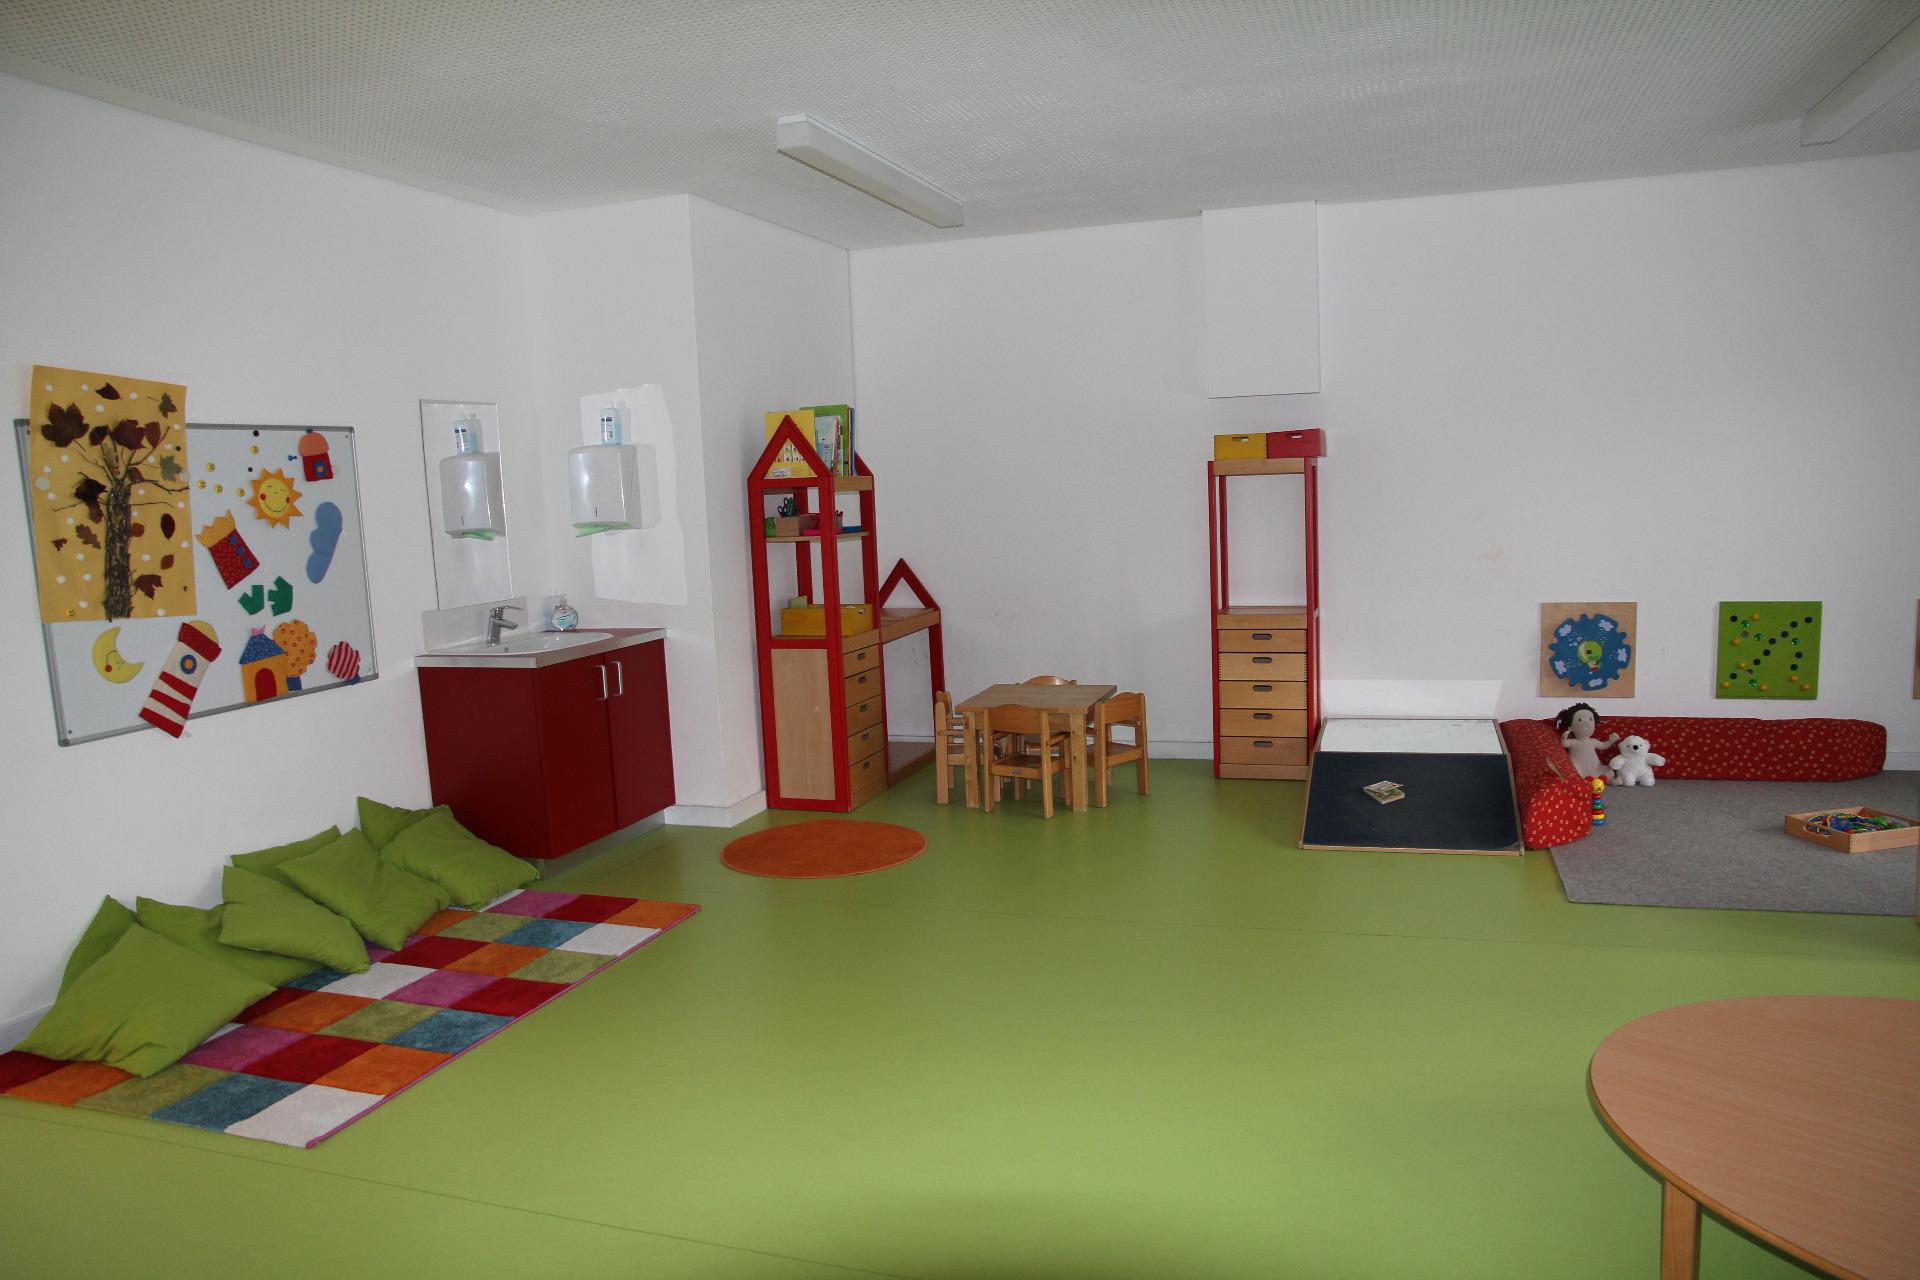 Haus Fur Kinder Villa Wunderland 81737 Munchen Paritatische Kita